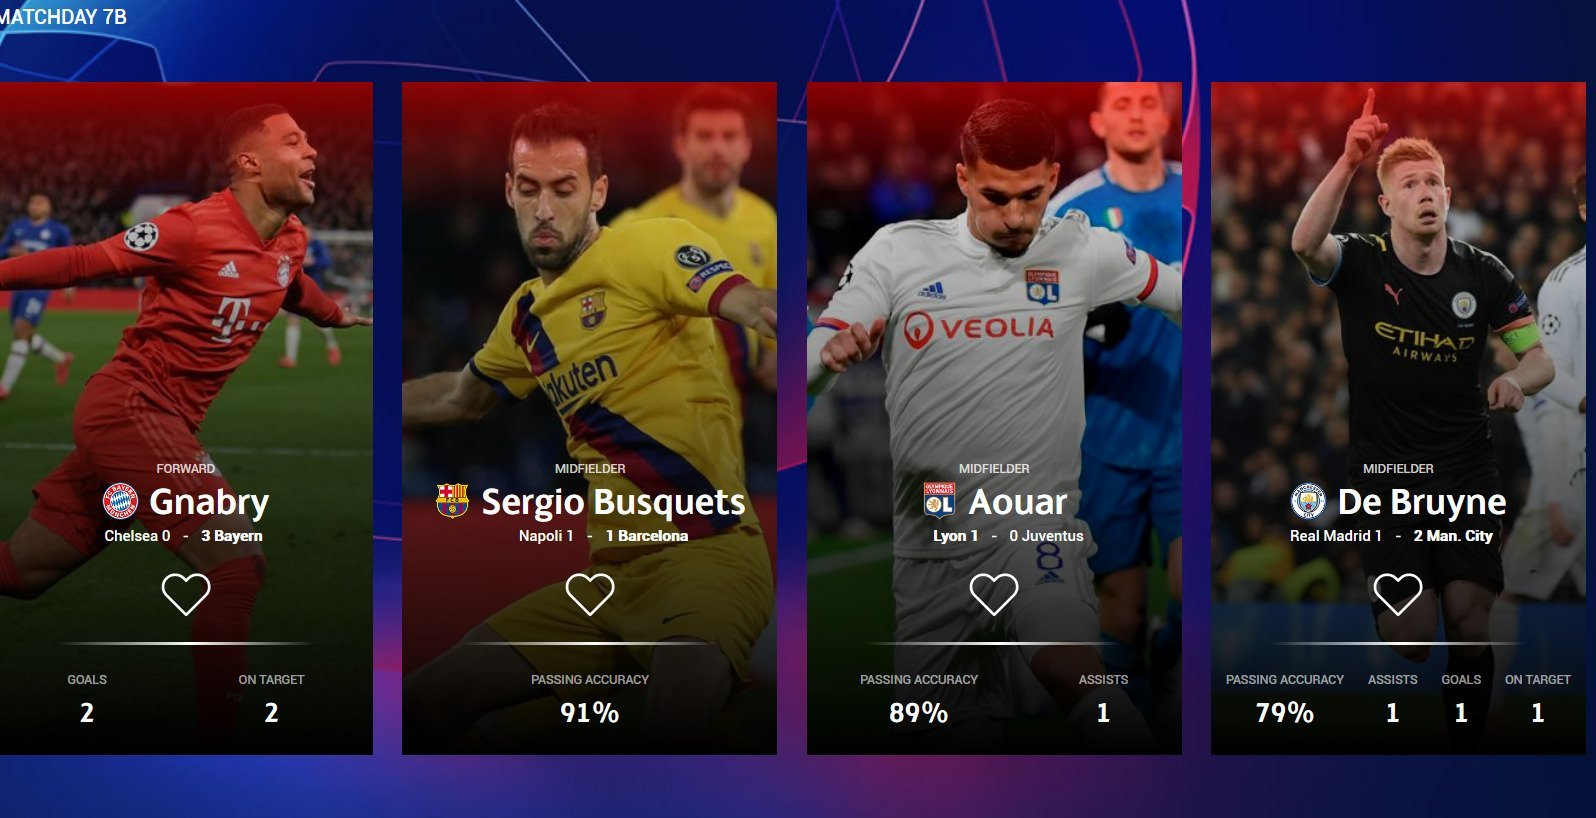 УЕФА: претенденты на звание лучшего игрока недели в плей-офф Лиги чемпионов - от Де Брюйне до Бускетса - изображение 1